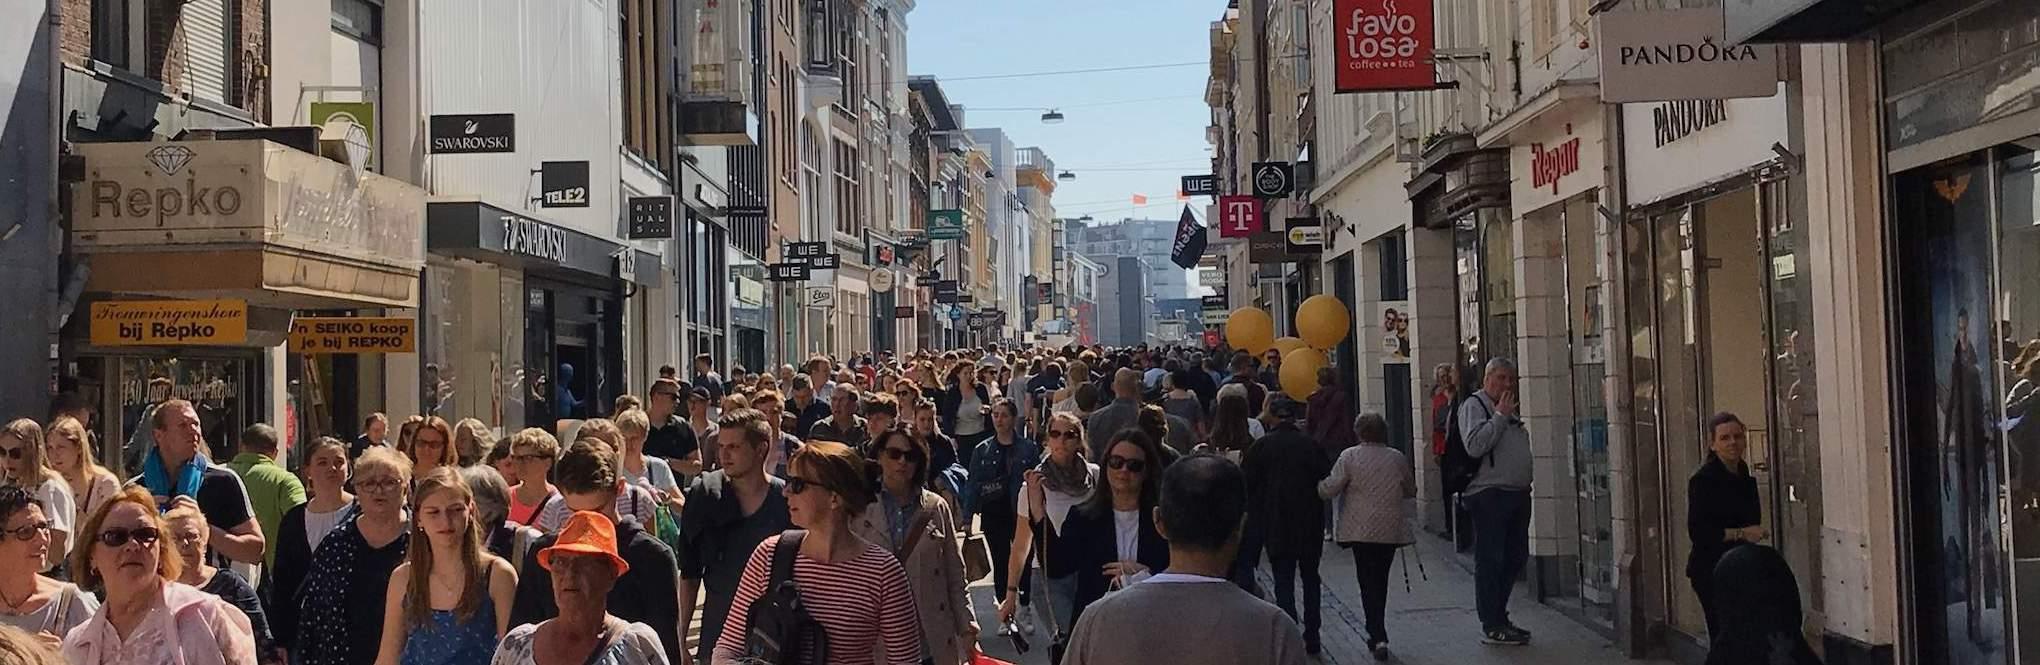 Groningen - Shopping an Feieragen